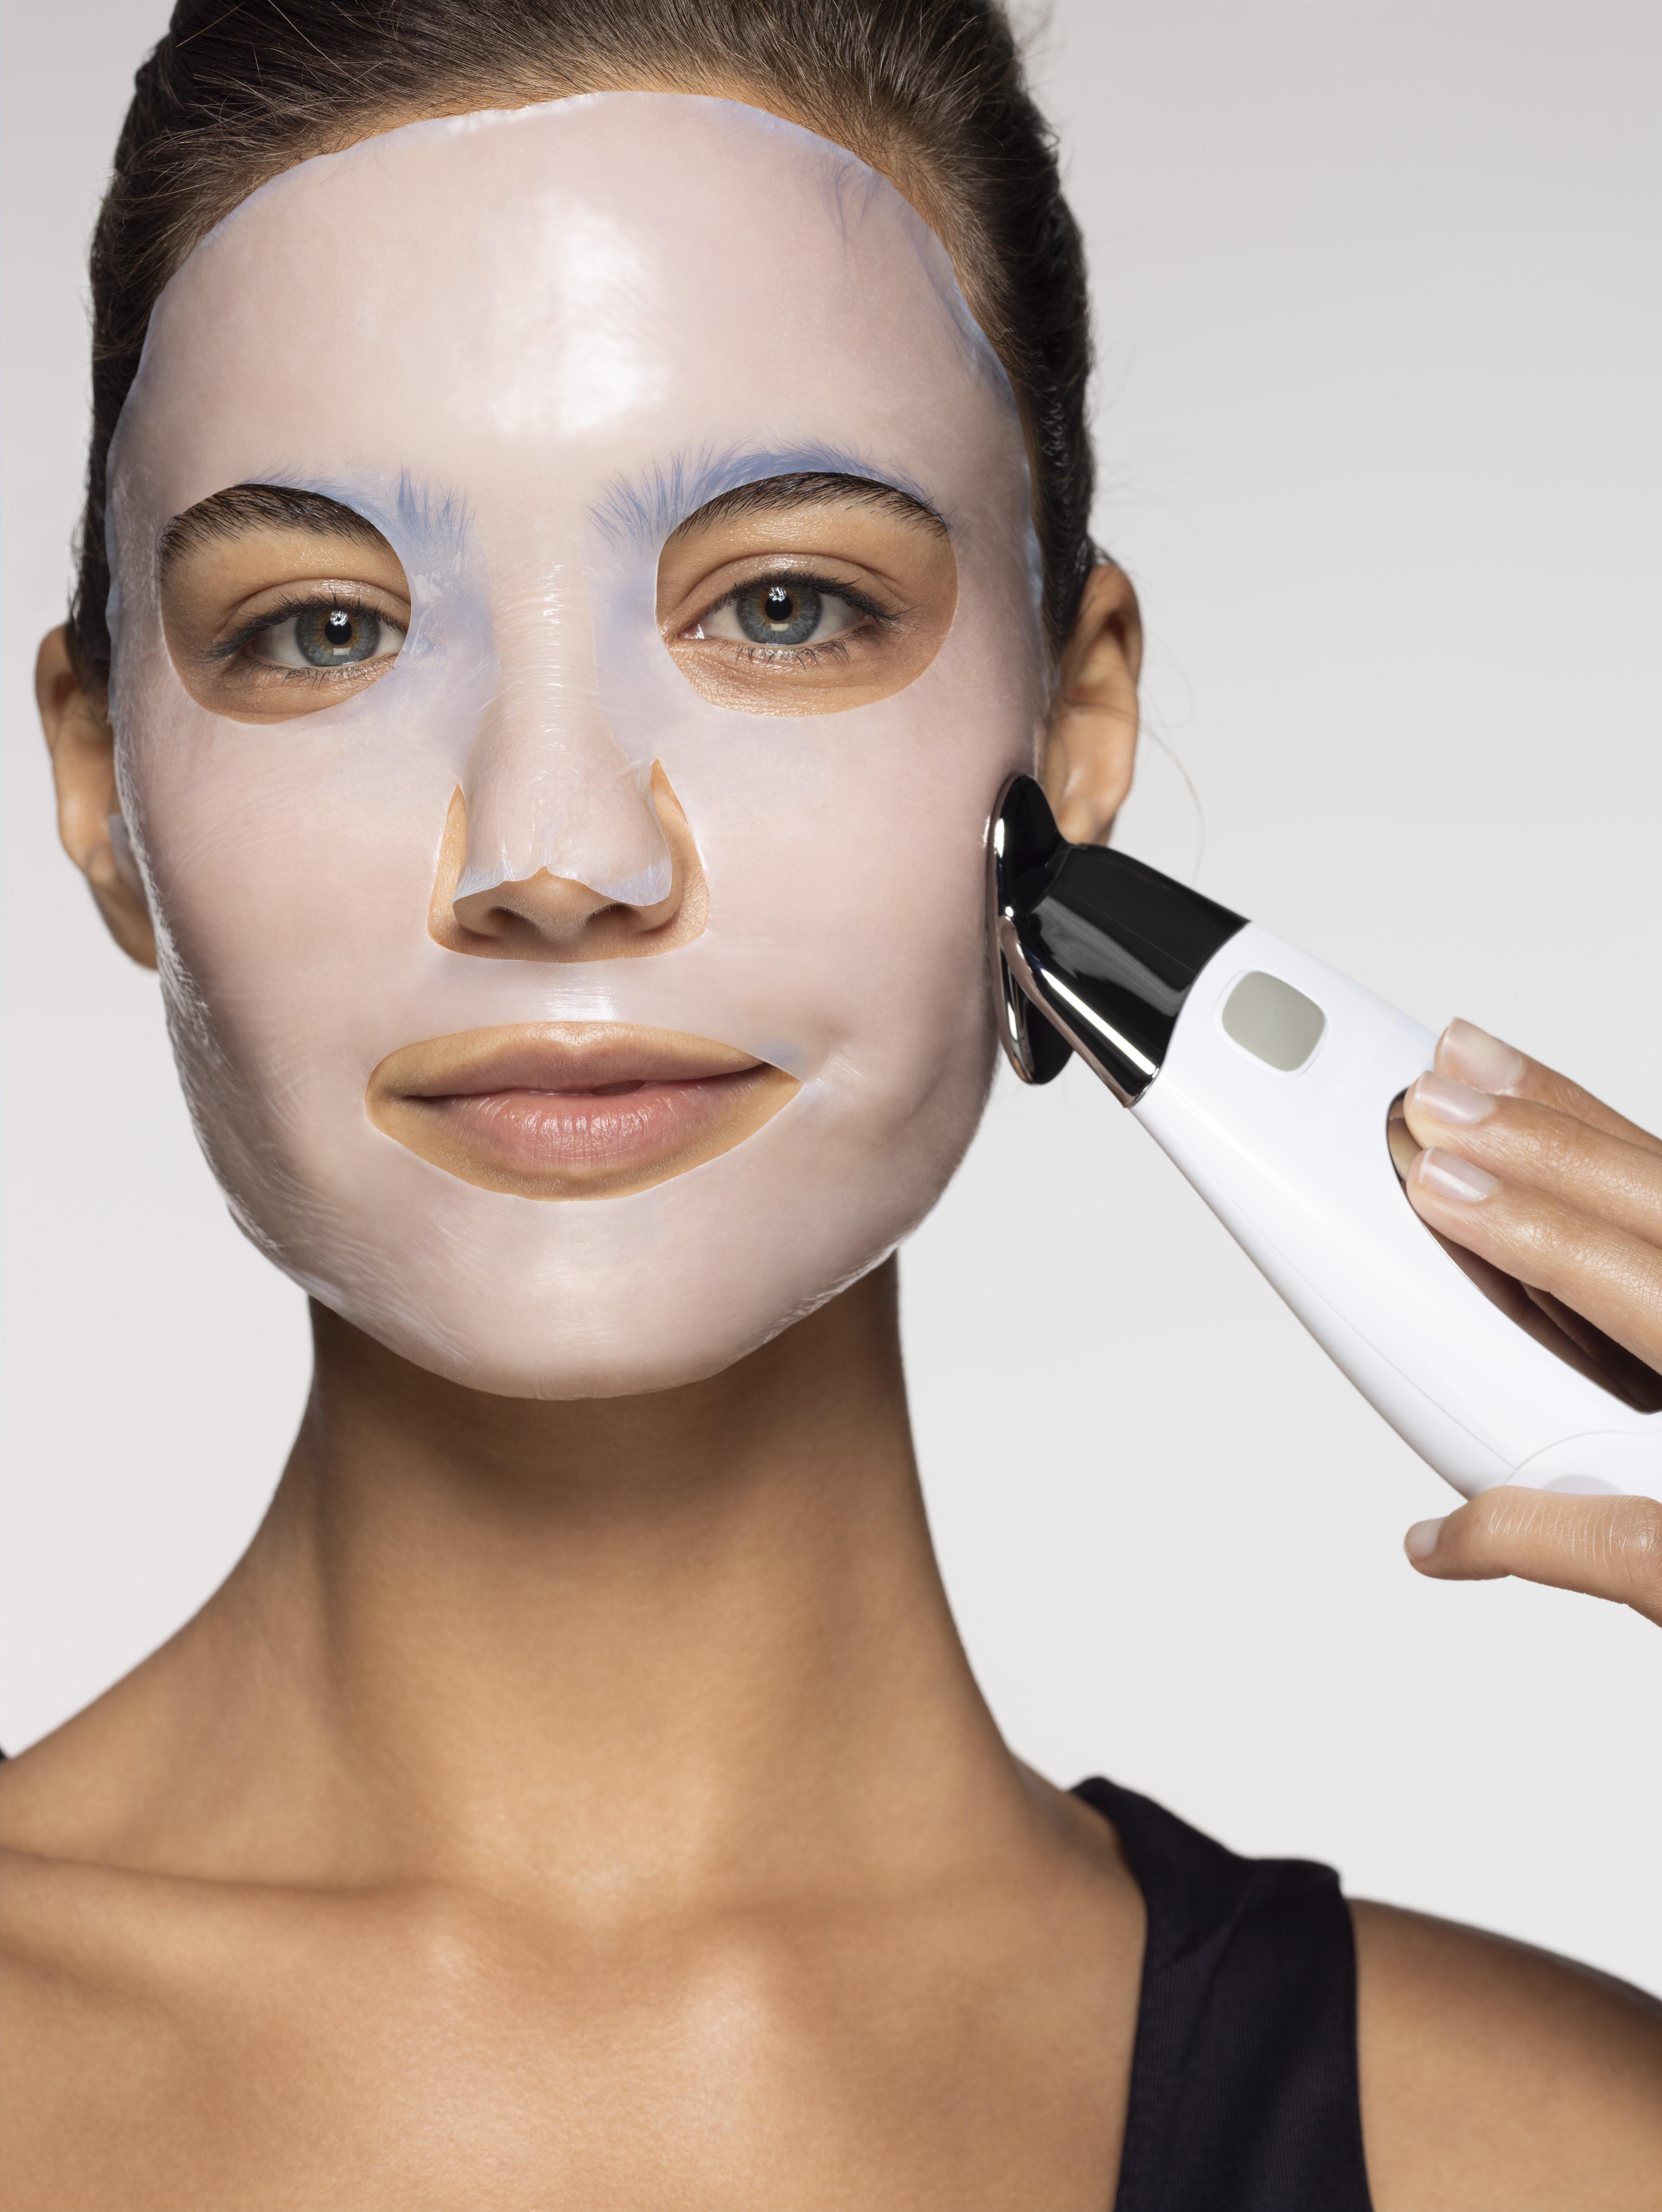 ageLOC,PowerMask,Mask,Galvanic,Face,Skin